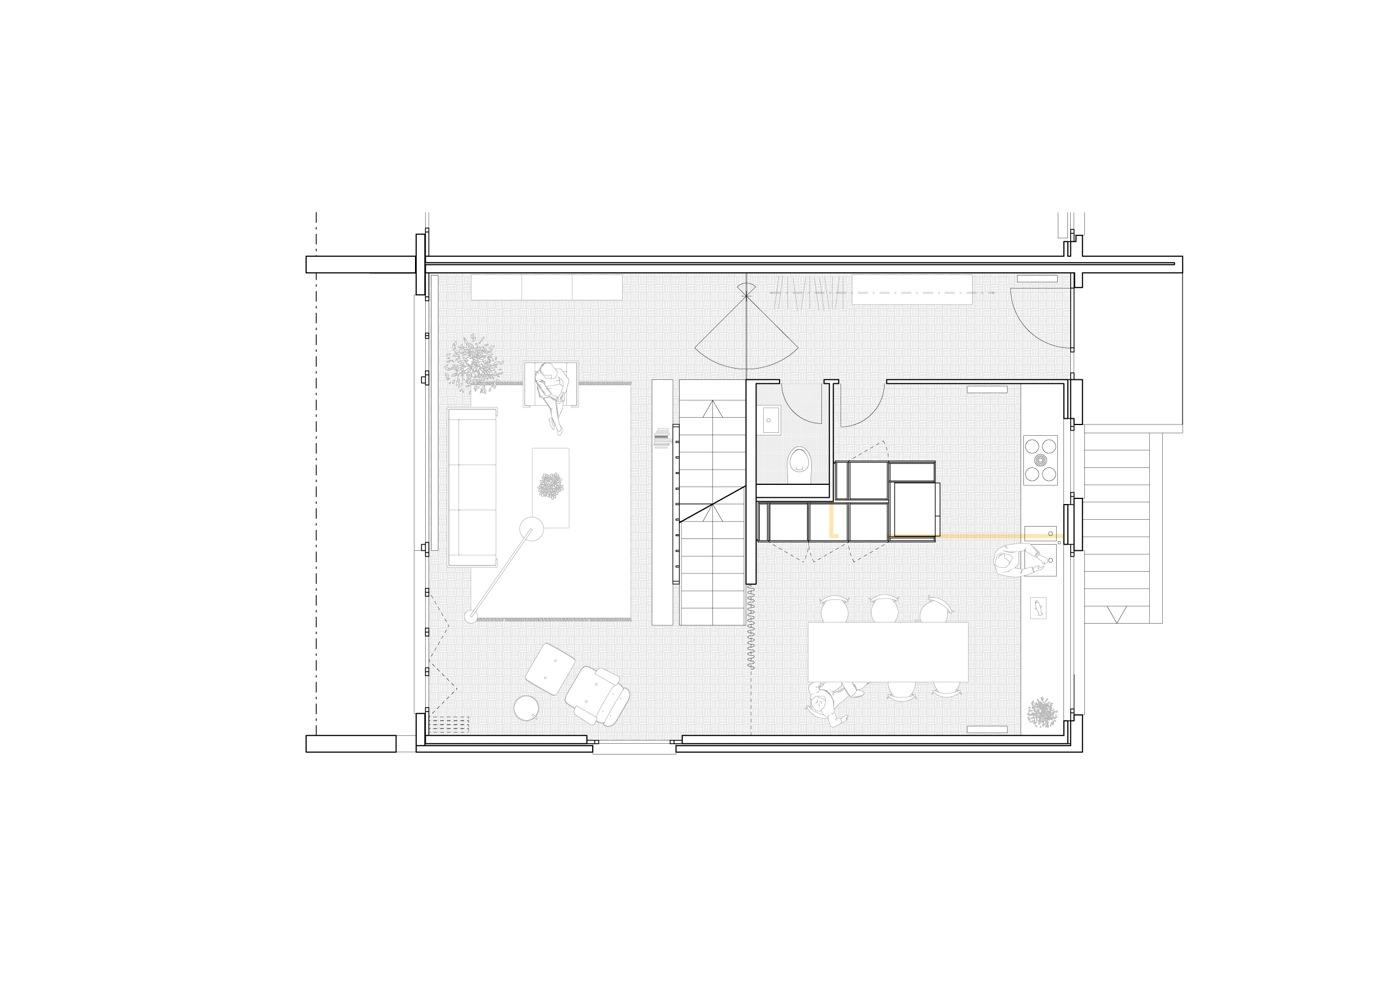 buan-architekten-umbau waldstrasse-luzern-erdgeschoss